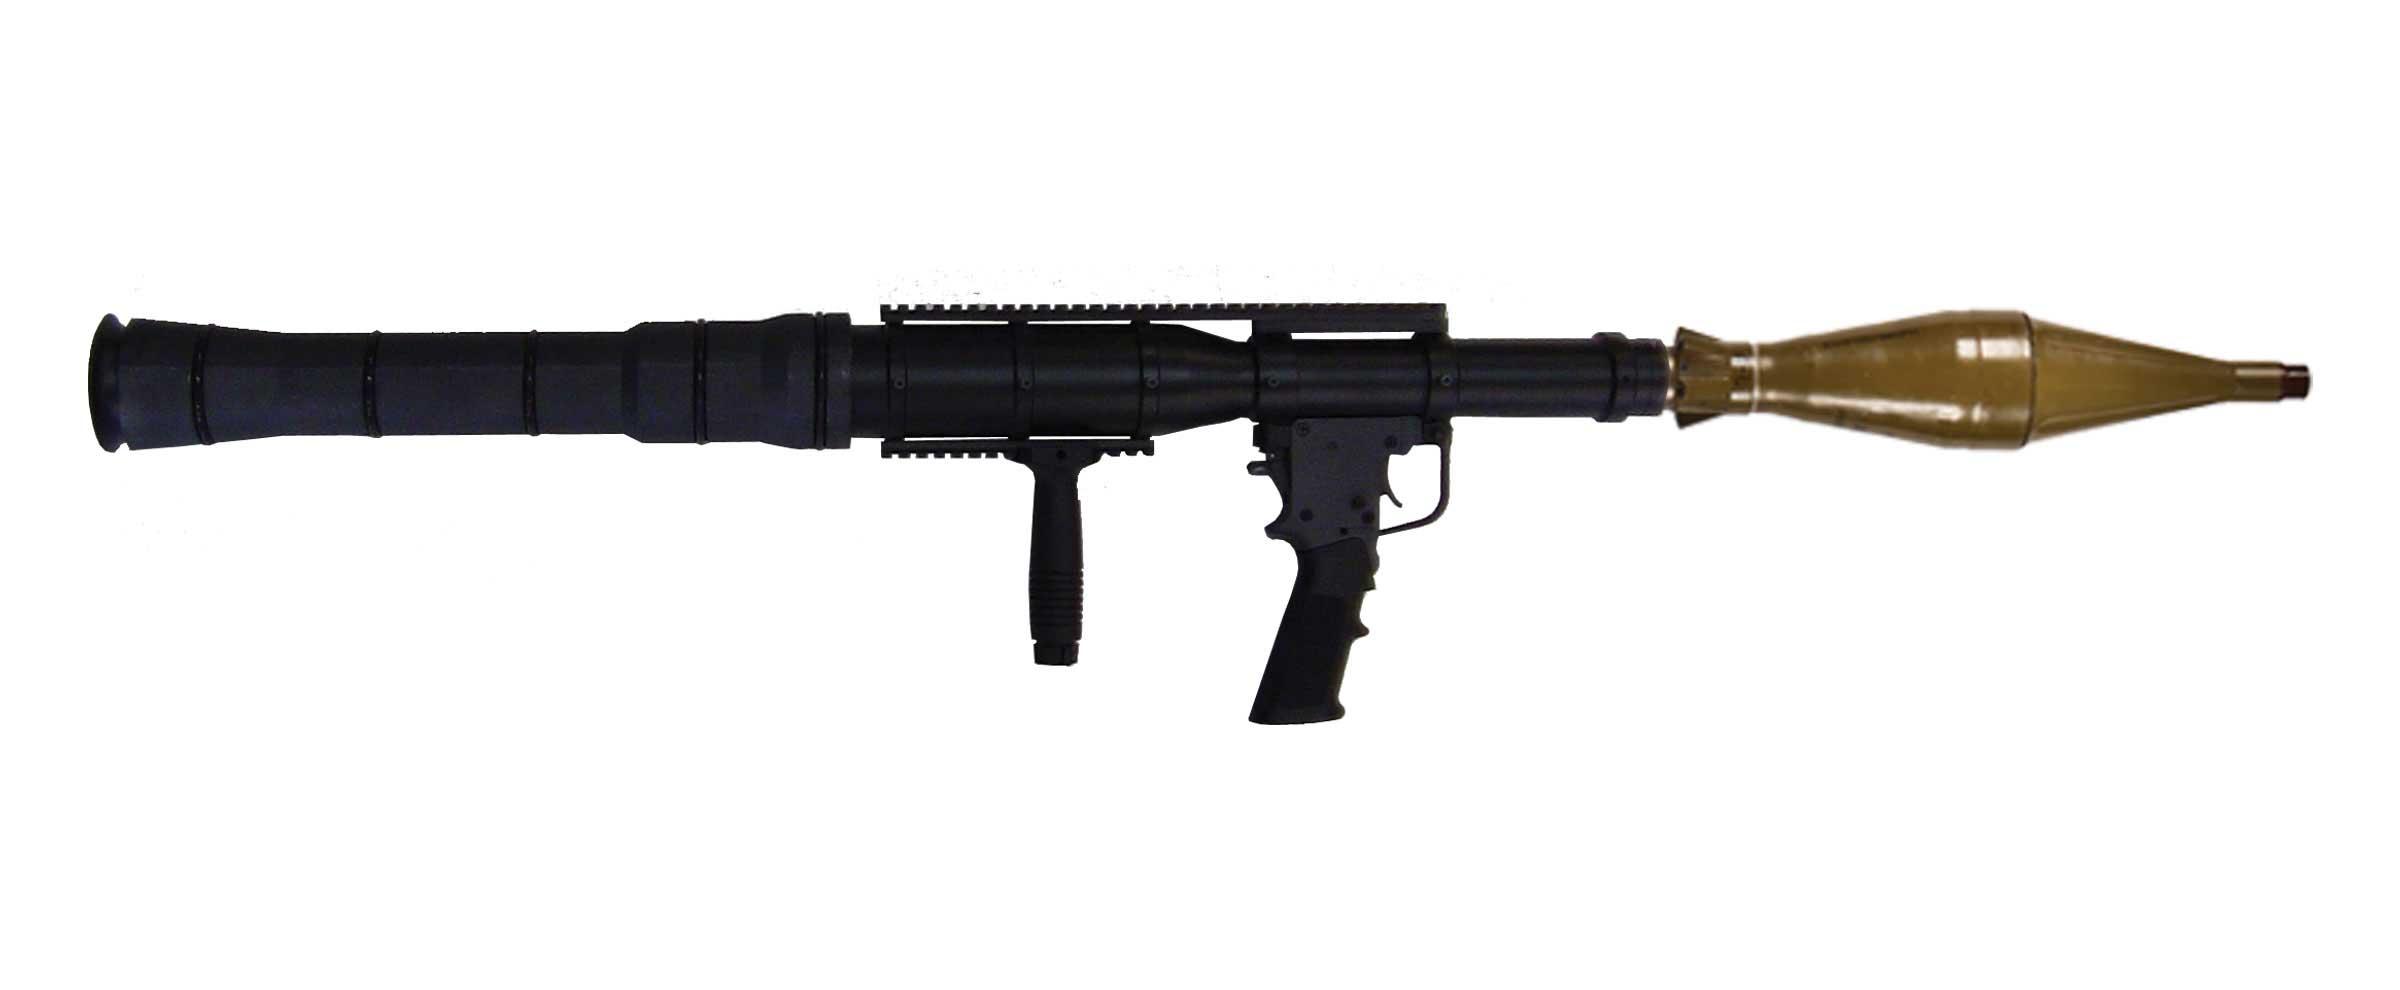 У 2009 році американське підприємство Airtronic USA представило модернізовану модифікацію пускової труби, яка отримала назву RPG-7USA або PSRL-1. Пускова труба виготовлена із сучасних матеріалів, завдяки чому зріс ресурс пострілів та зменшилась вага